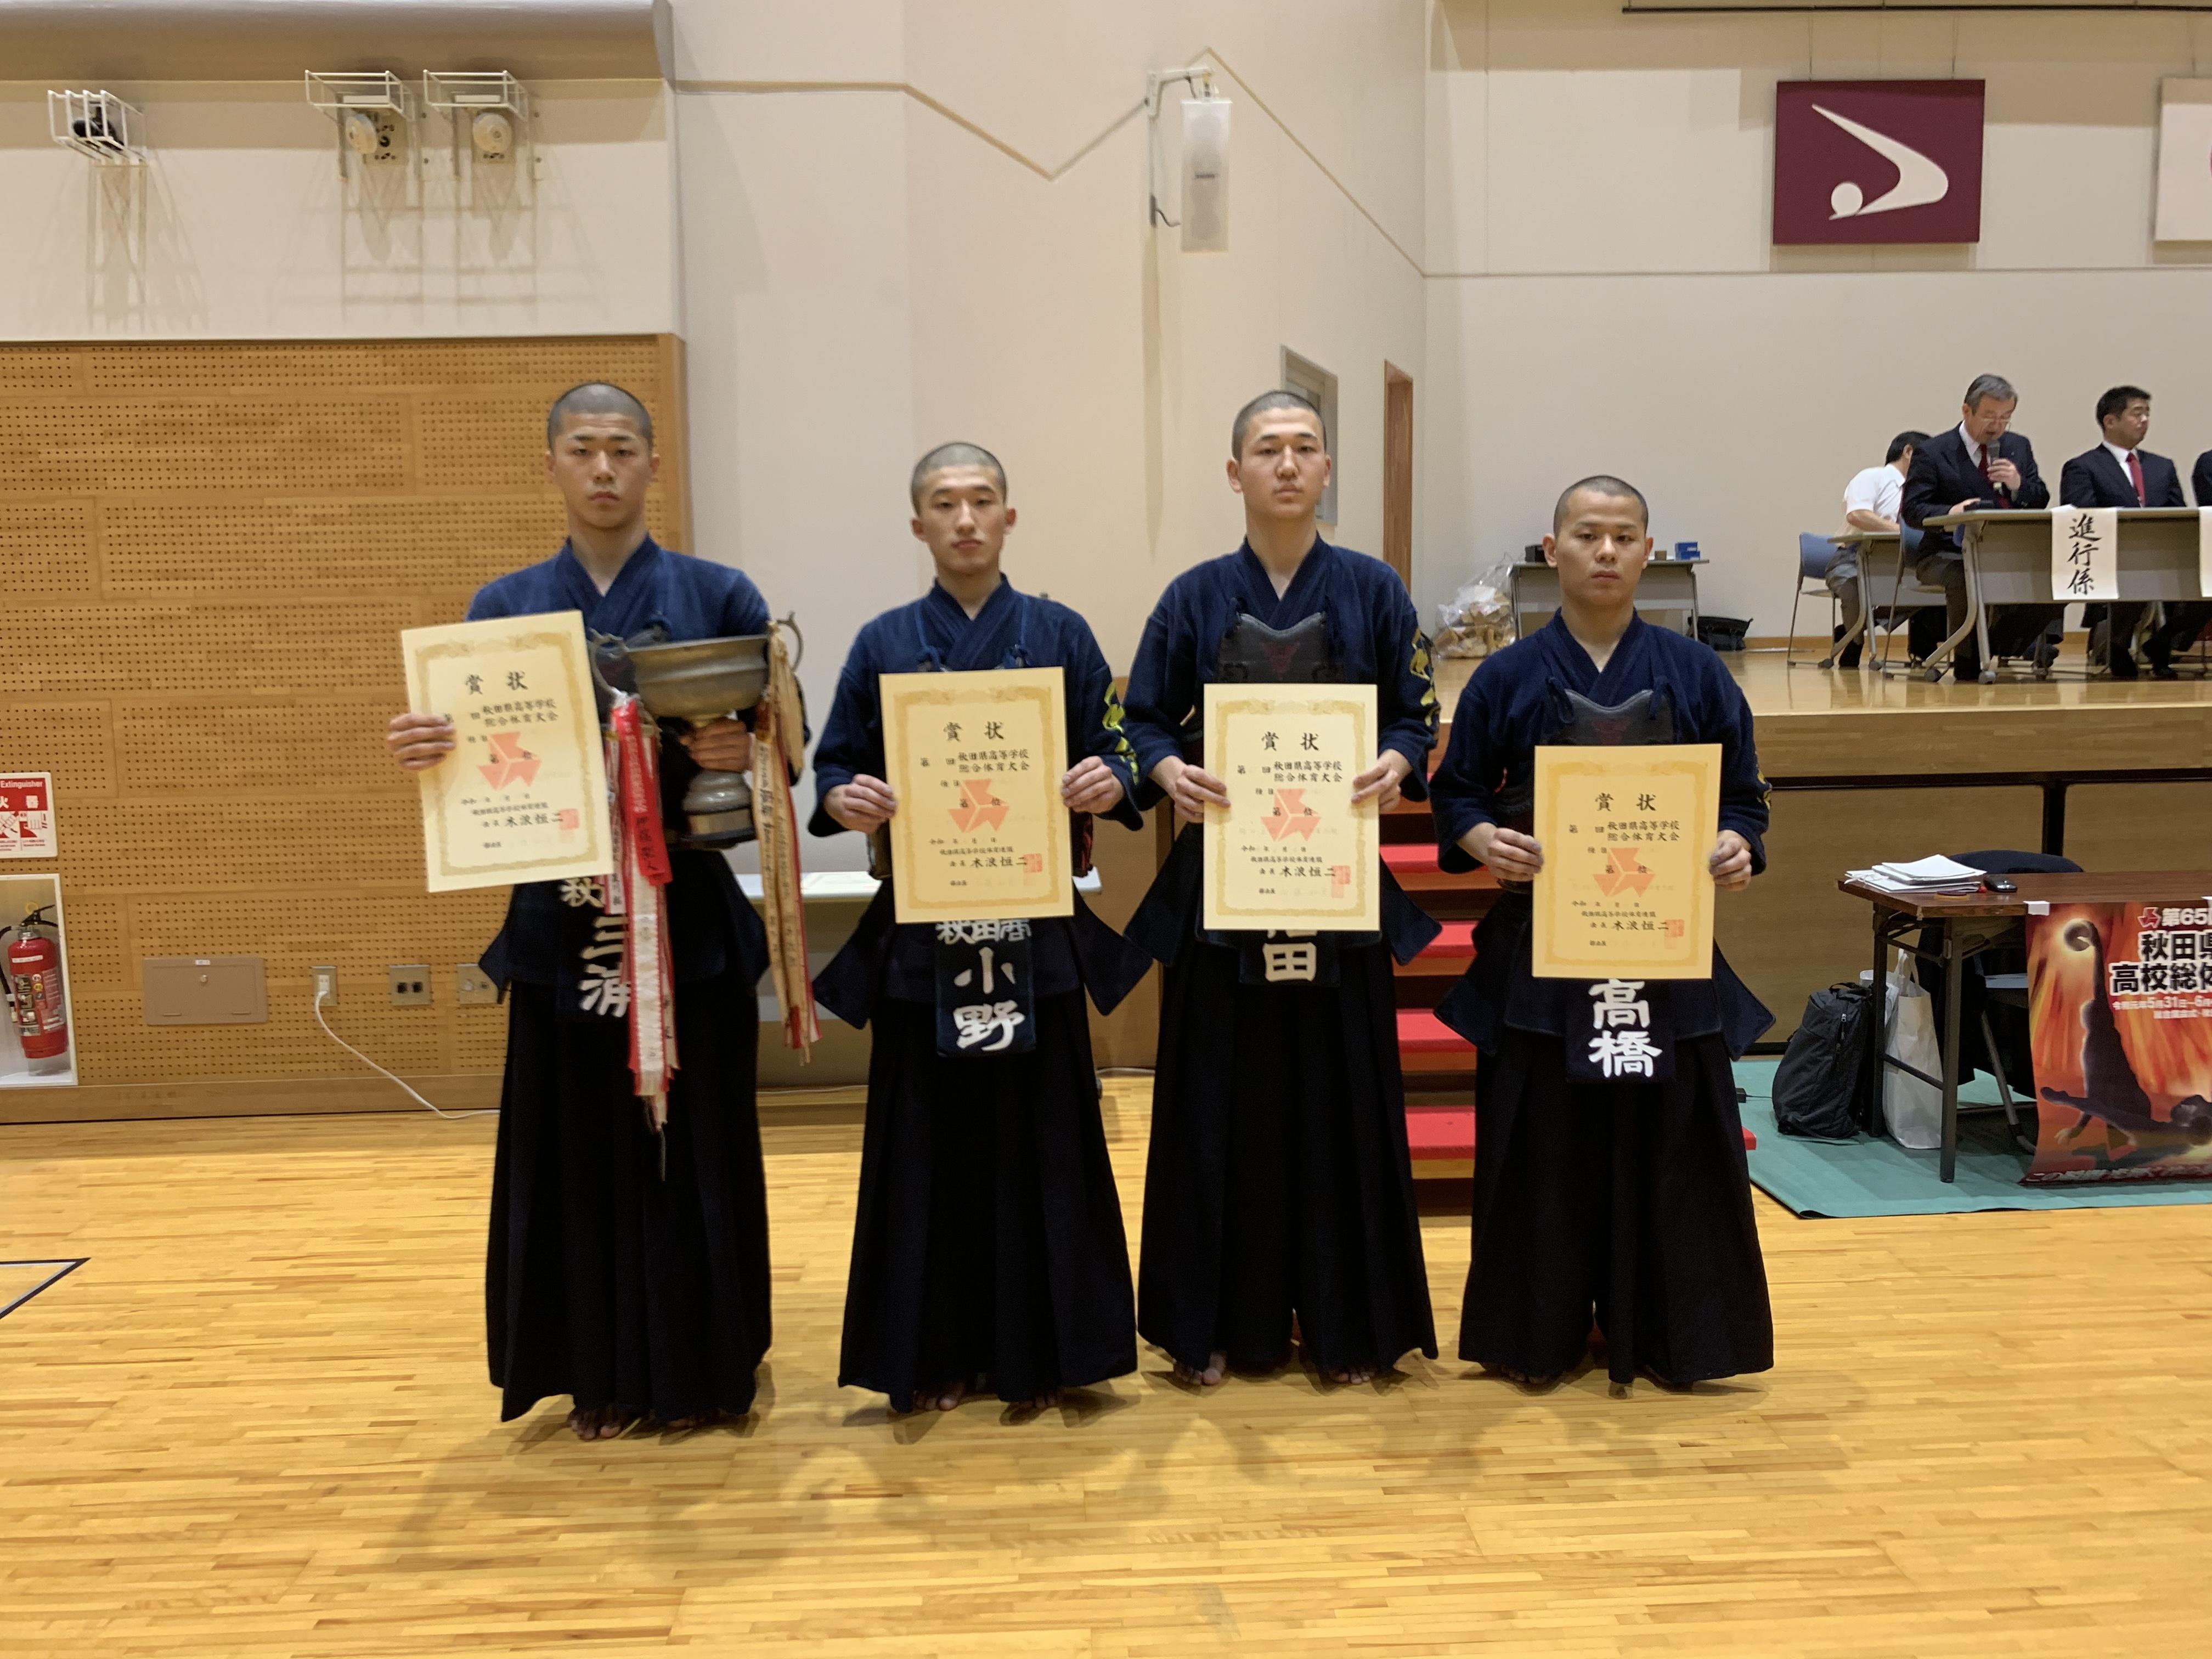 インターハイ 2019 剣道 高校